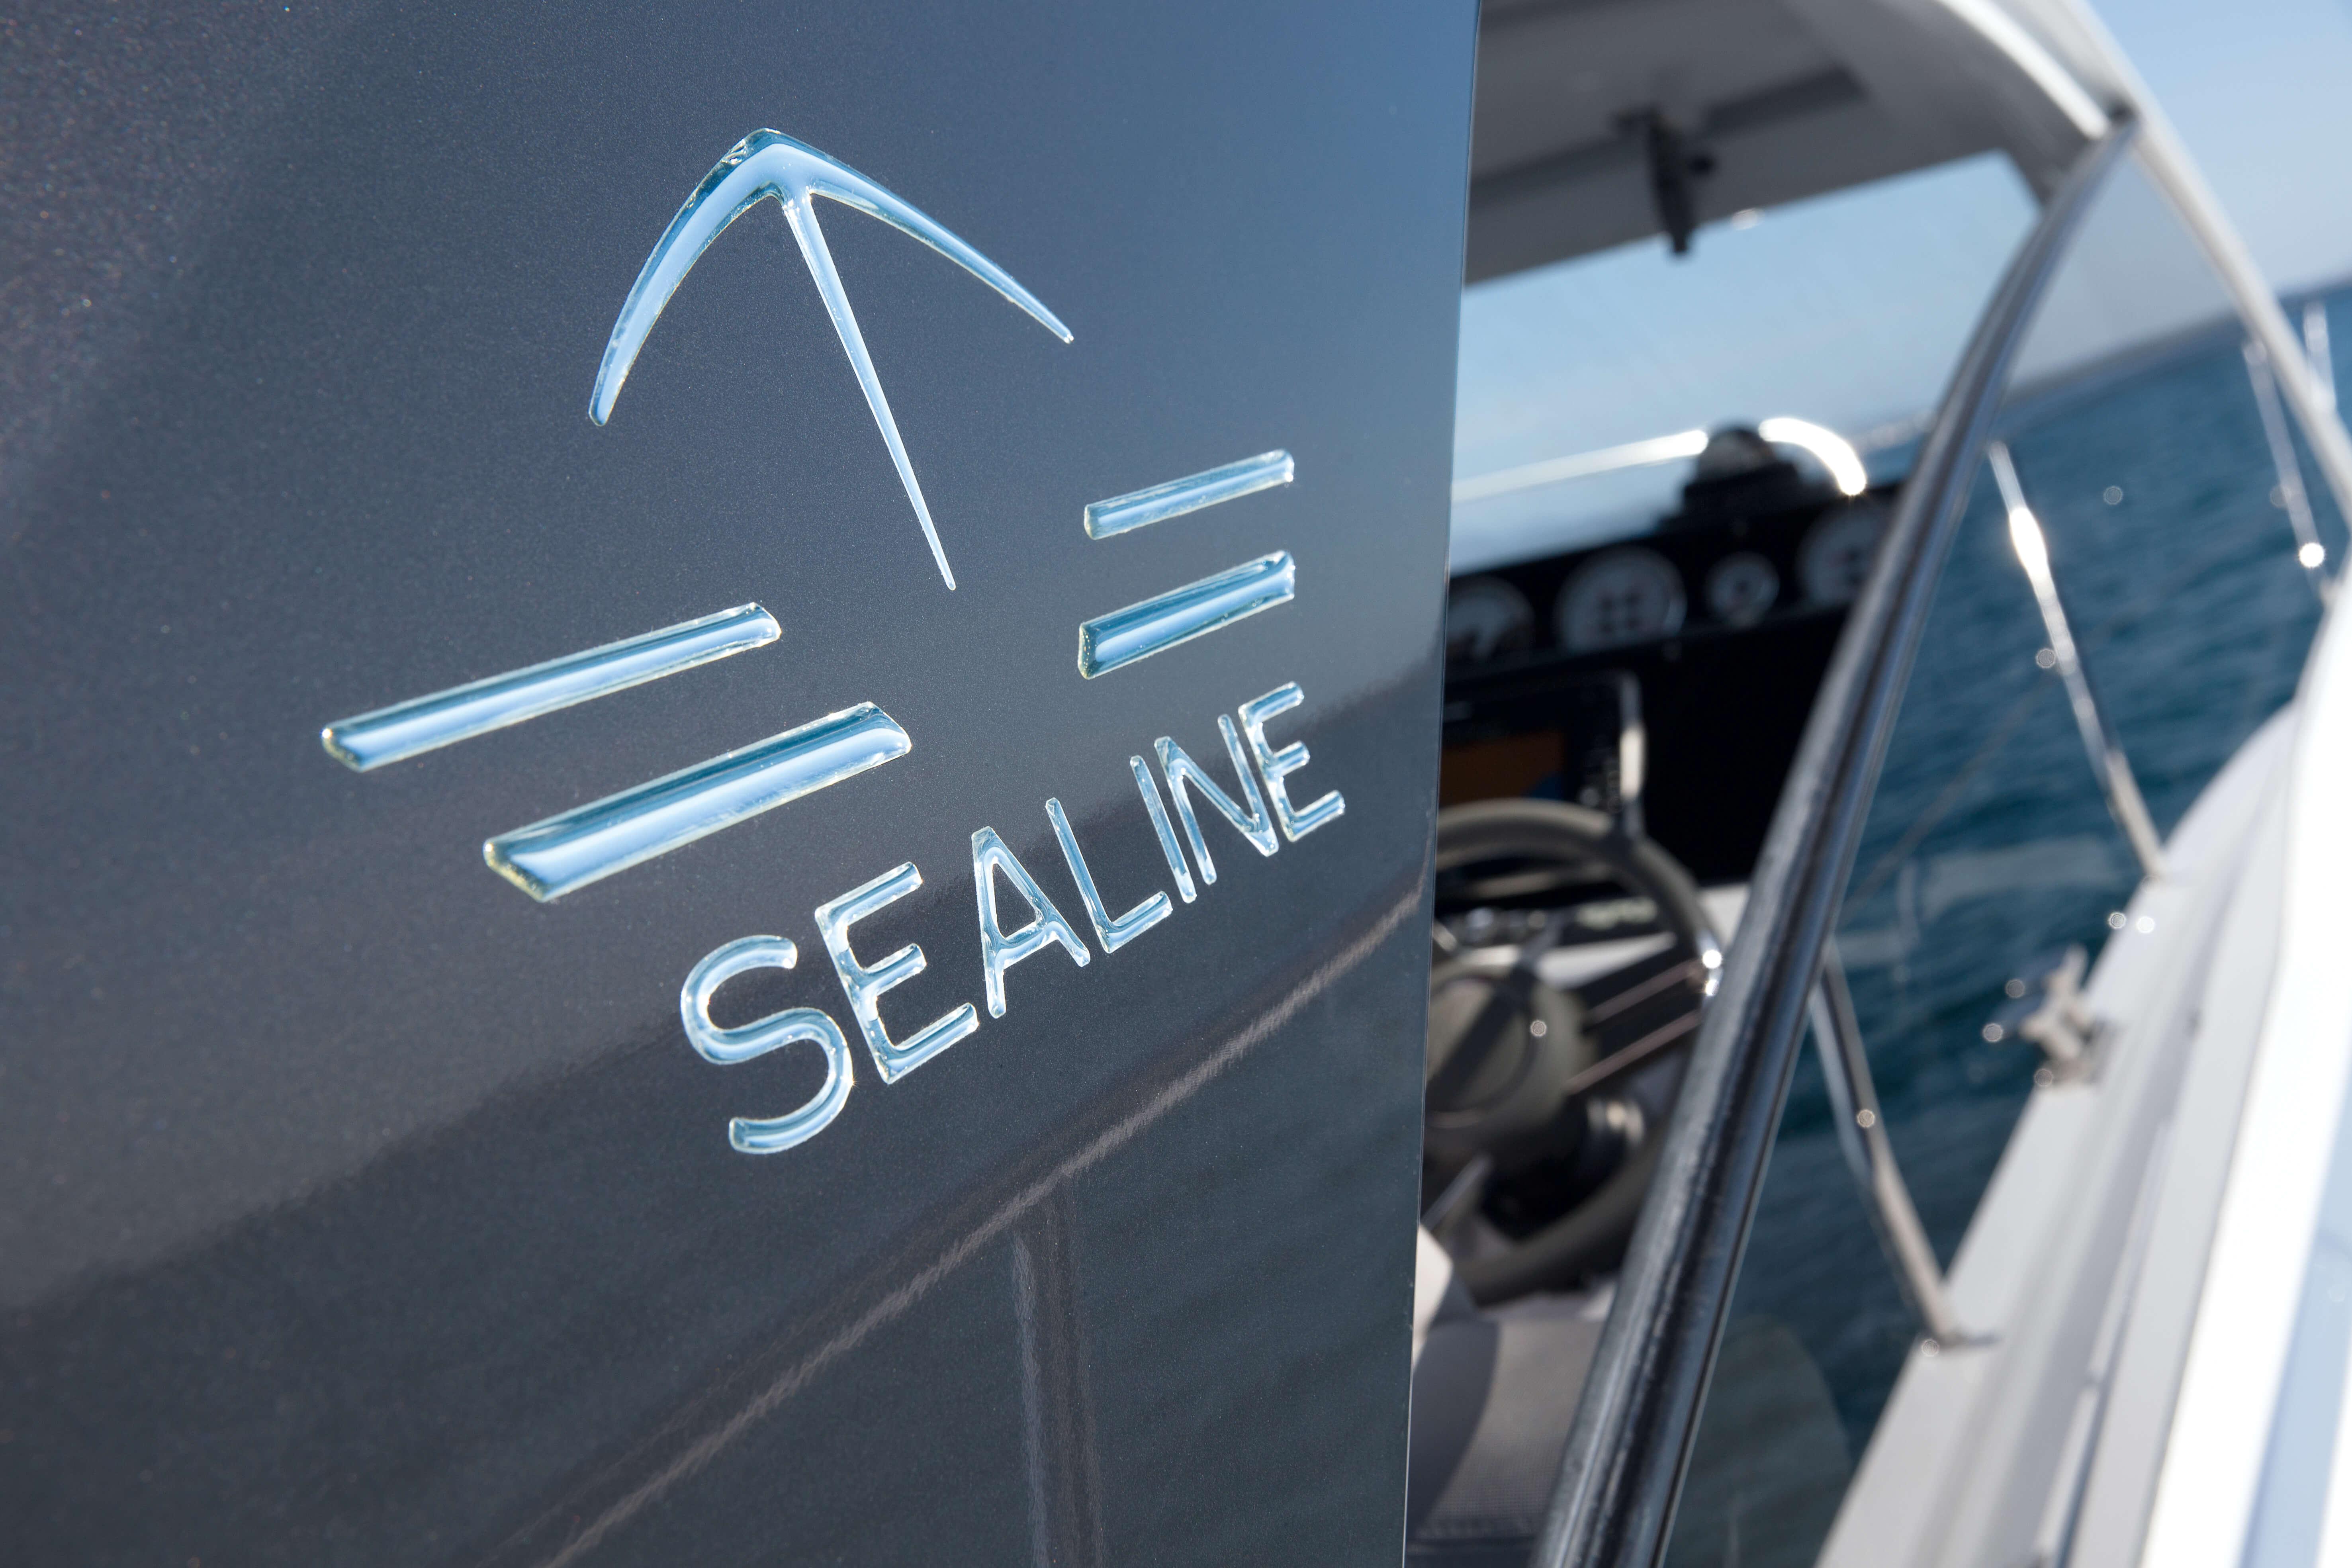 Extérieur mouiller | Sealine S330 | Sealine